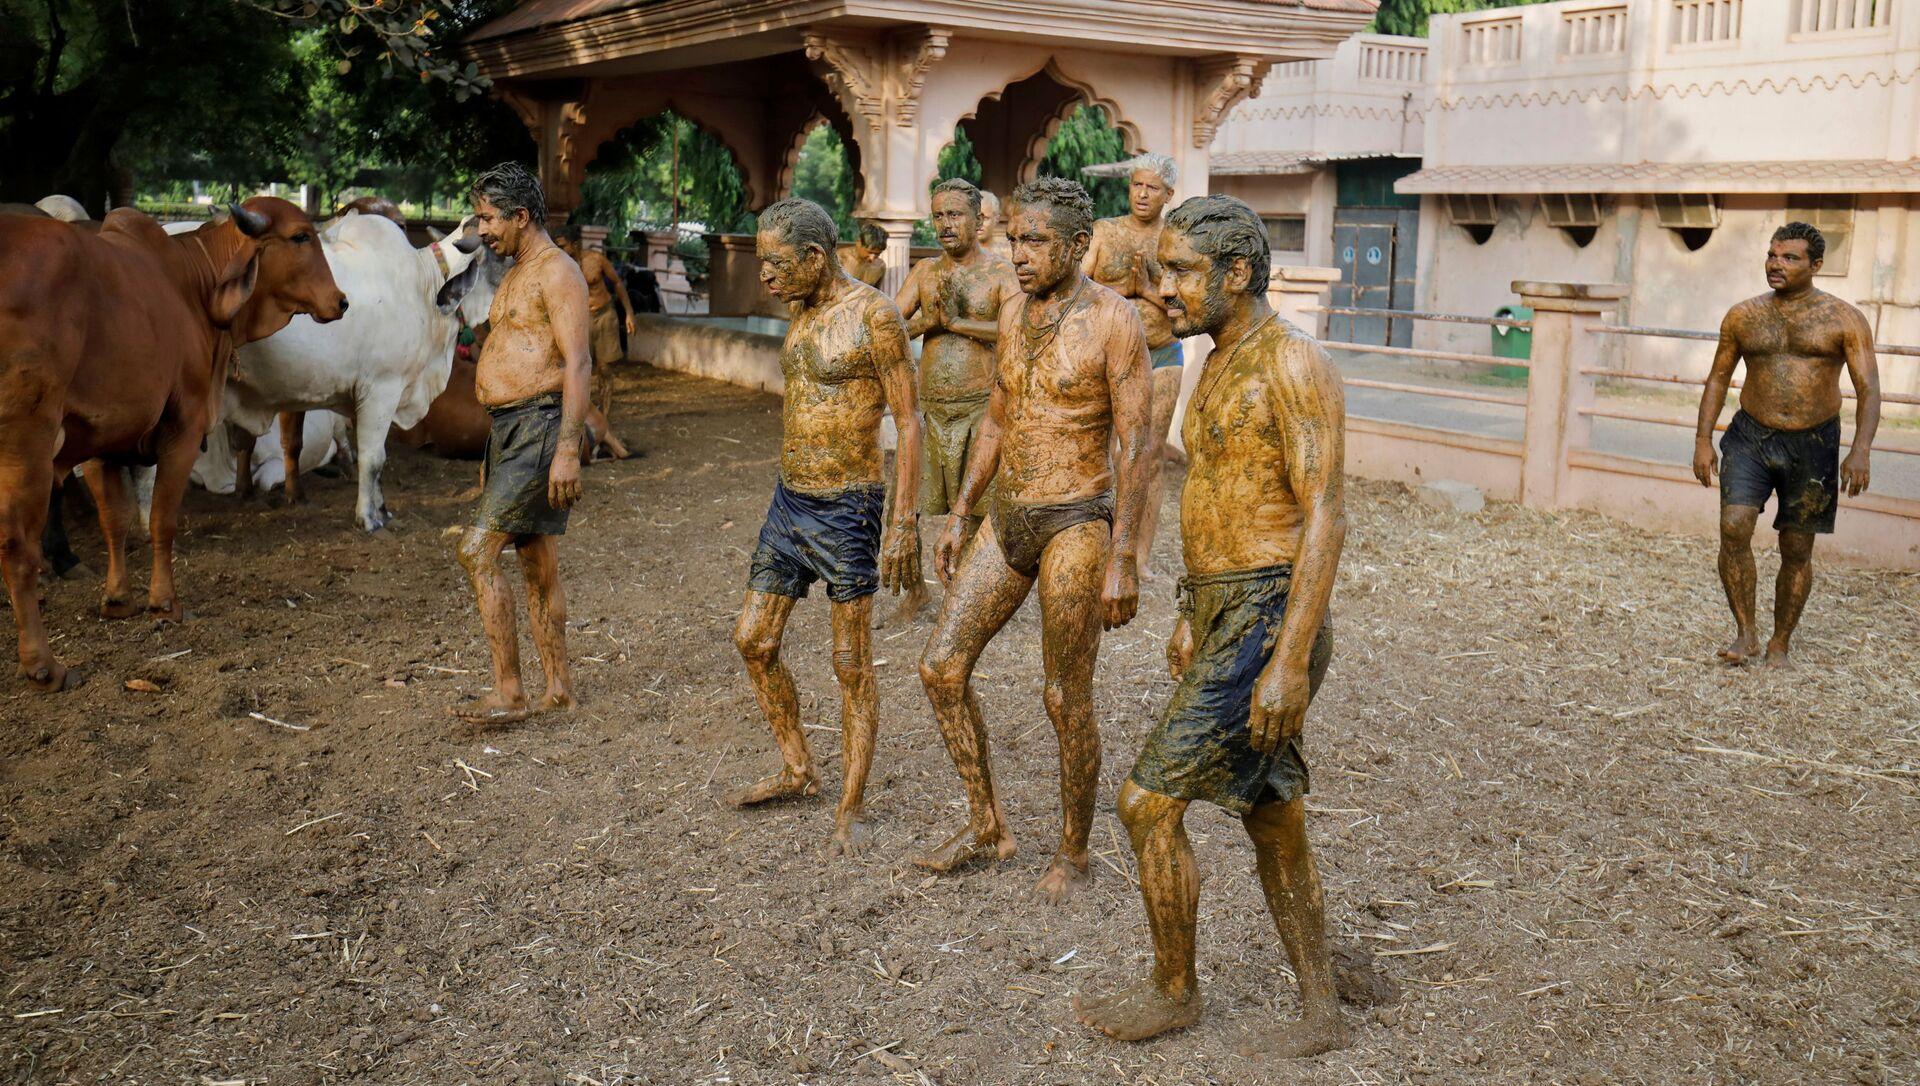 Người Ấn Độ bôi phân lên thân mình để bảo vệ khỏi coronavirus - Sputnik Việt Nam, 1920, 12.05.2021